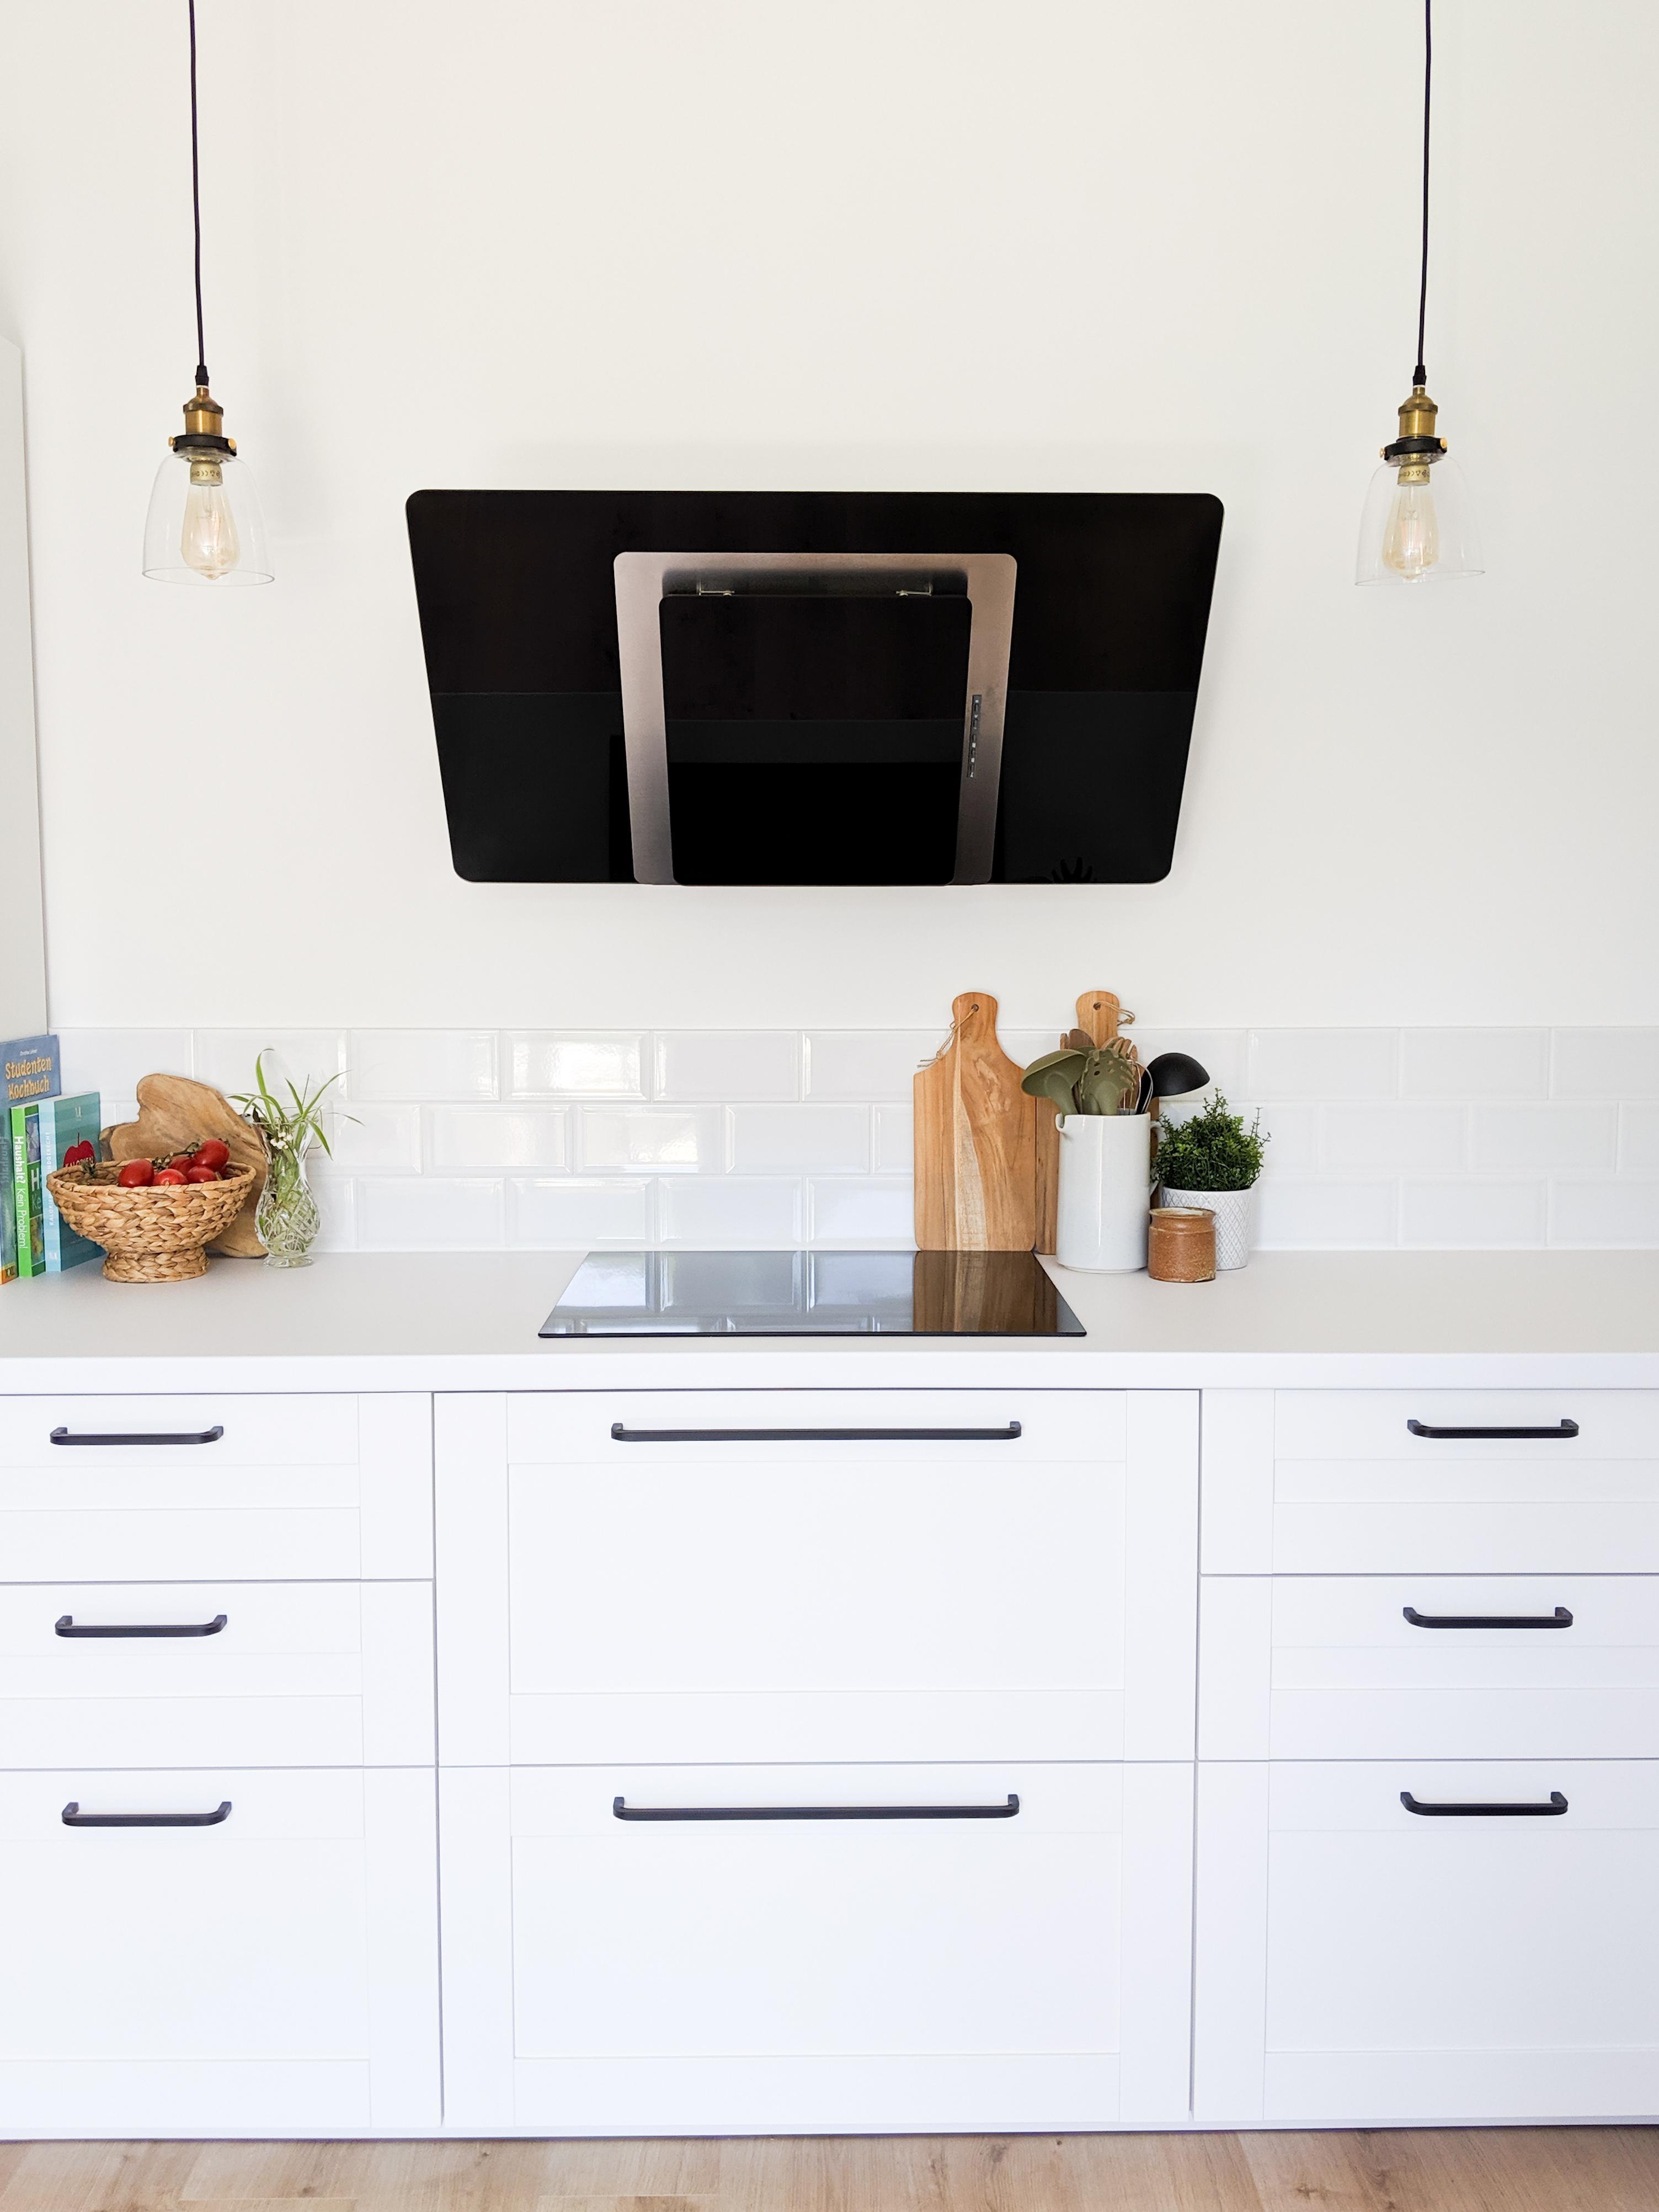 Unsere neue Küche ❤ #küche #ikea #landhaus #weiss #....